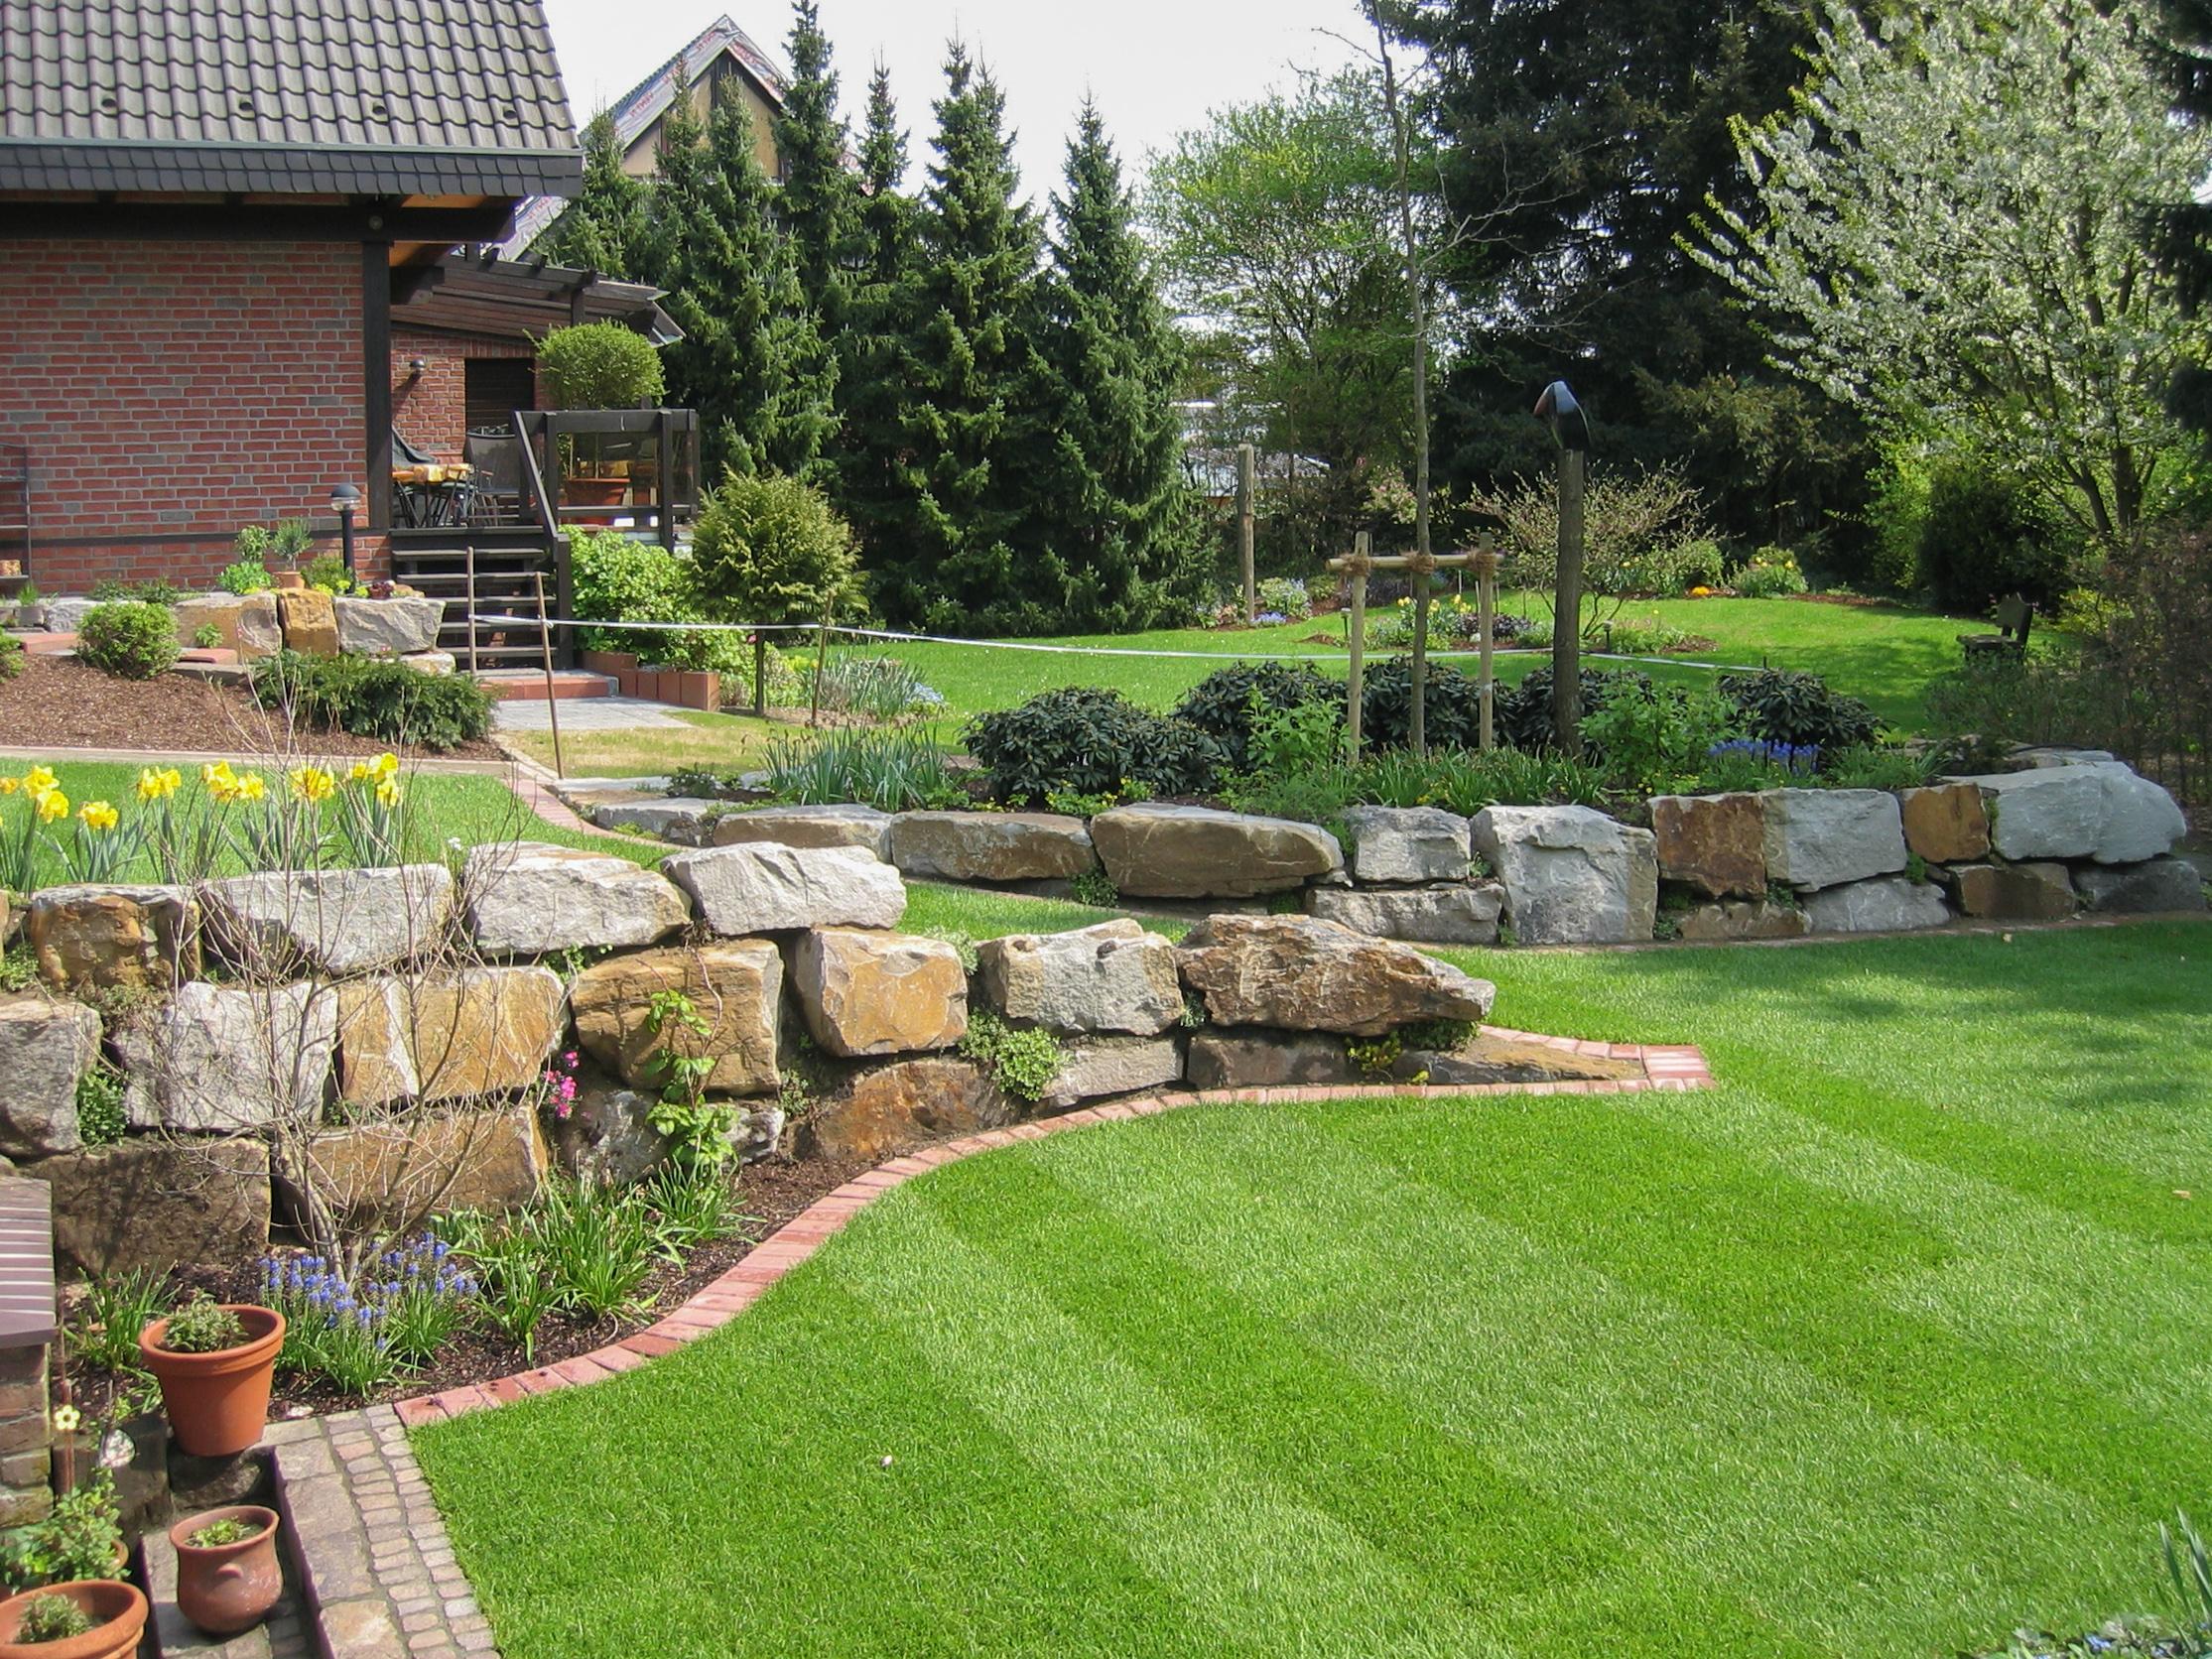 Gartenpflege im Kreis Viersen   Welters Garten und Landschaft